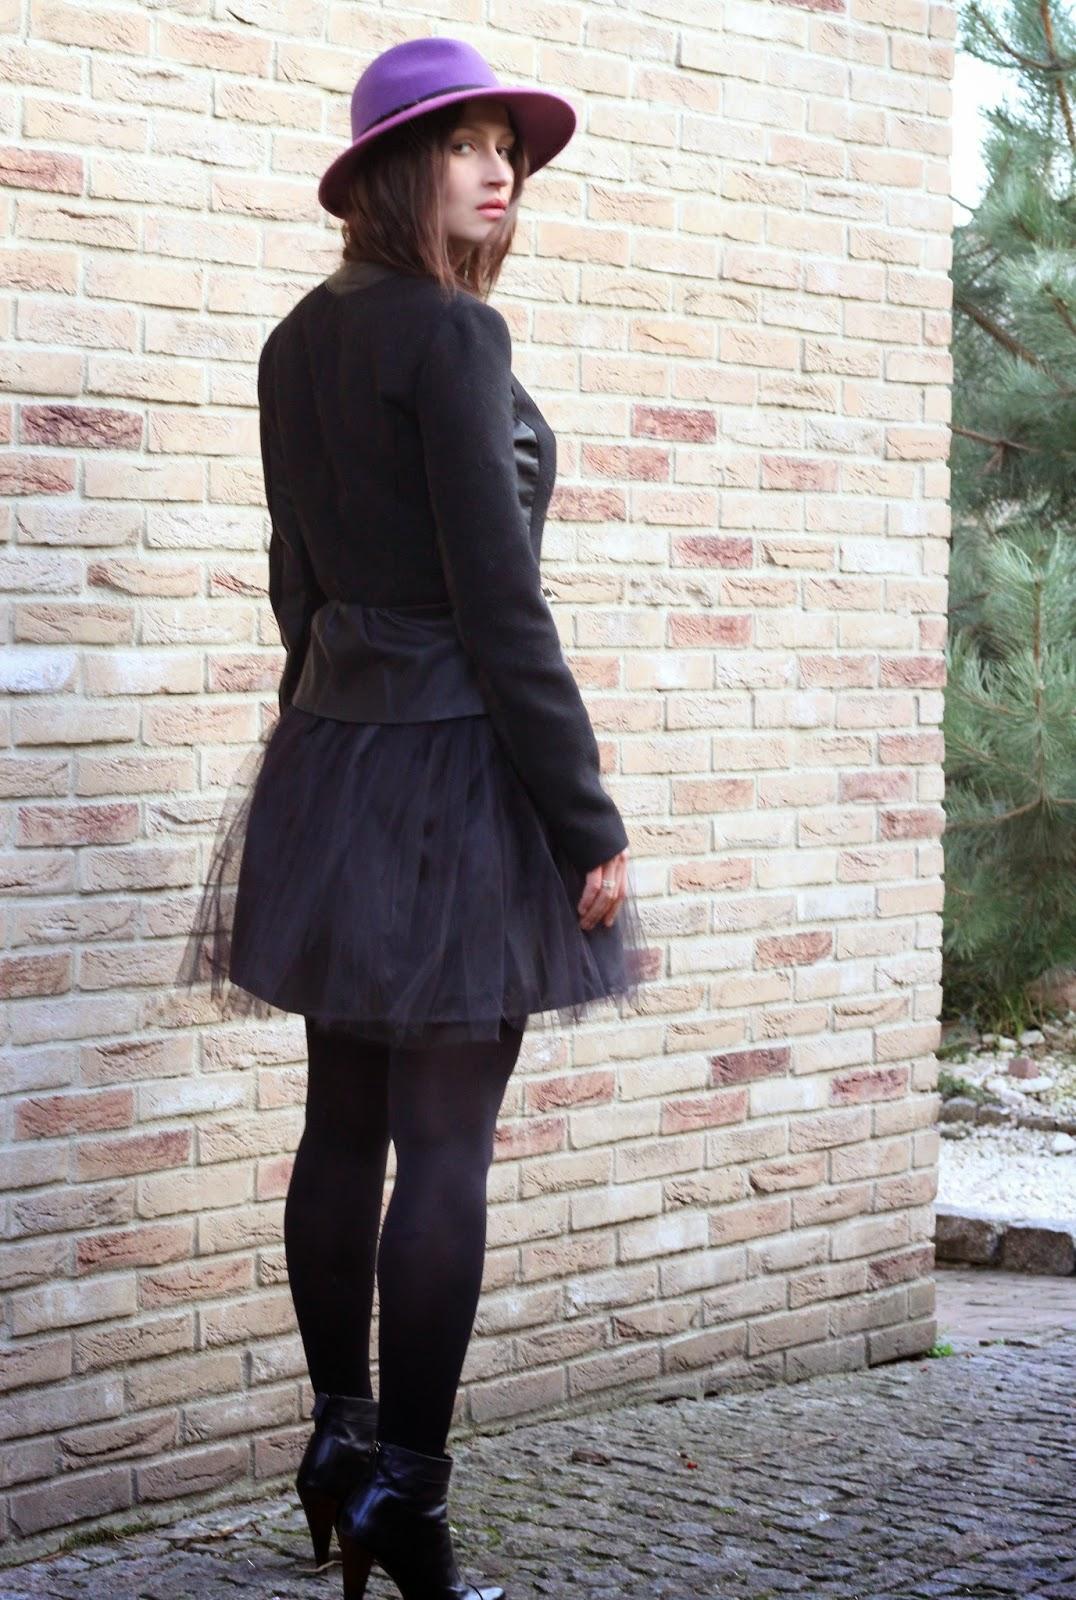 tiulowa spodnica, balerina skirt, jak nosic, spodnica z tiulu, kapelusz, streetstyle